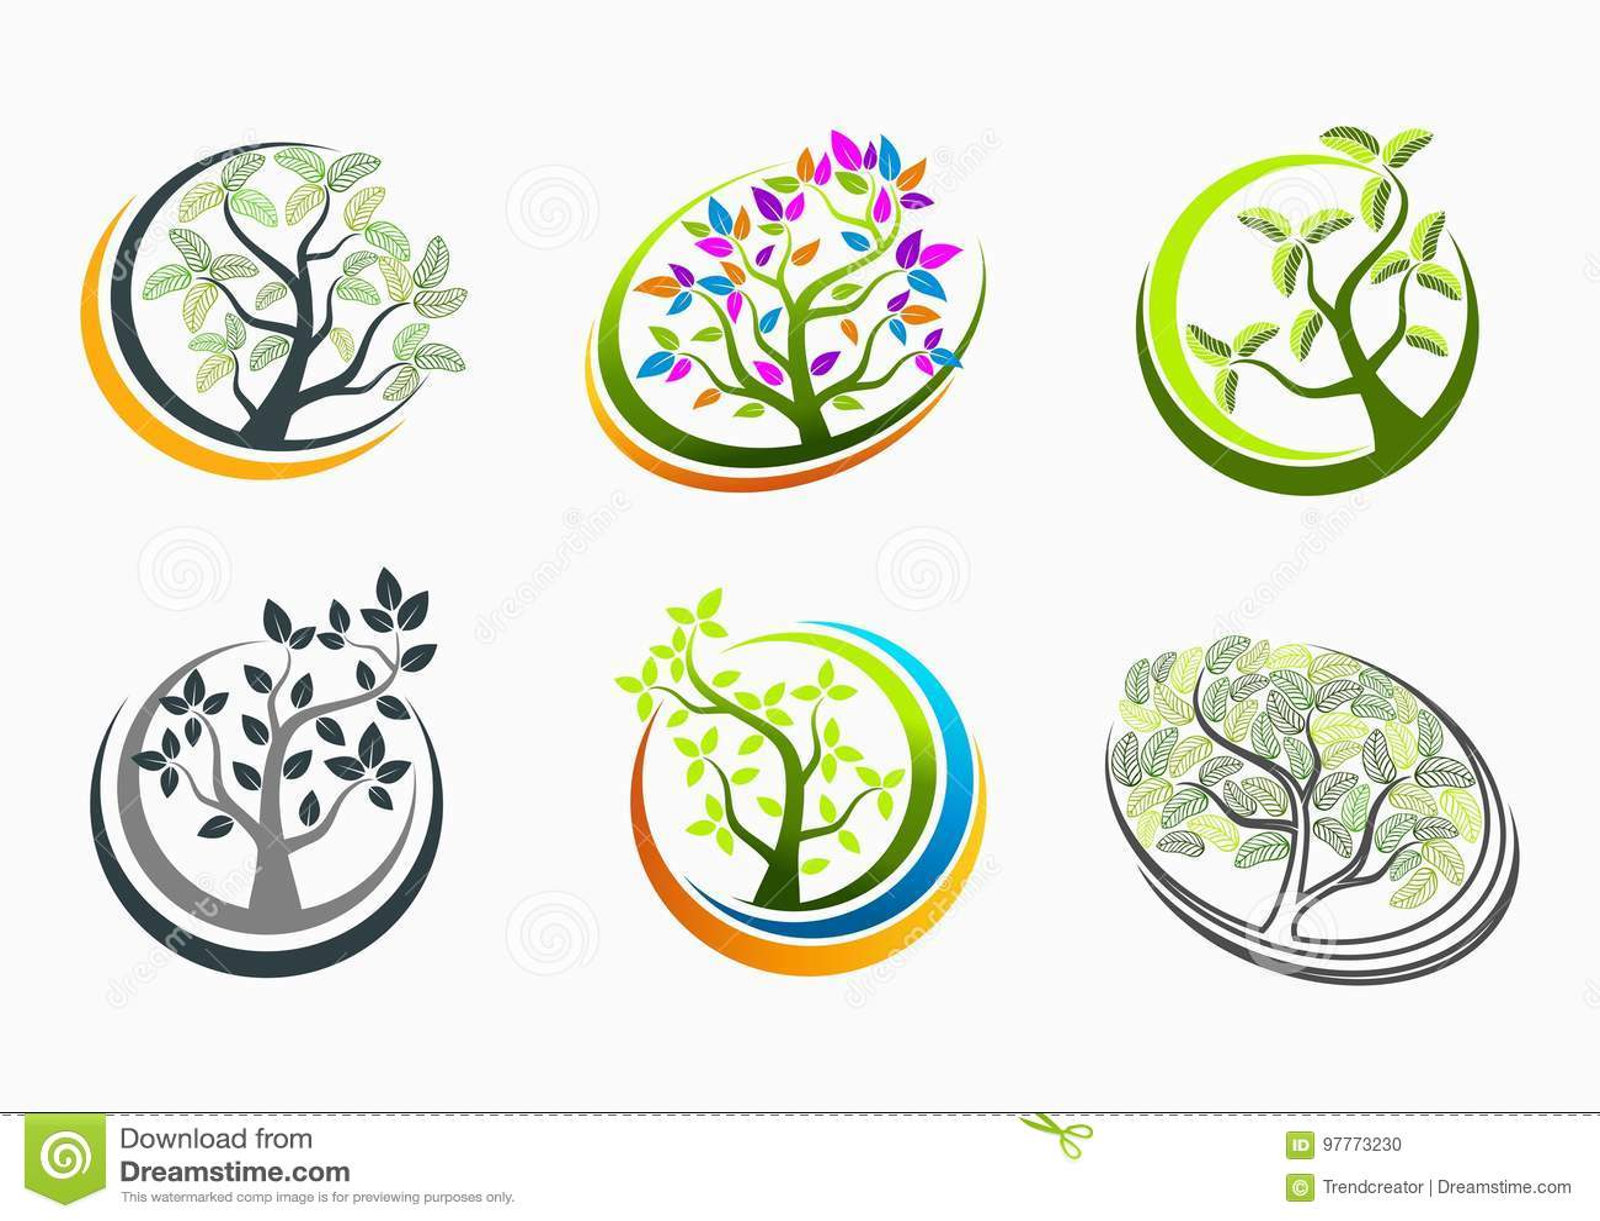 Design för begrepp för trädhälso-, logo-, natur-, brunnsort-, tecken-, massage-, symbols-, växt-, symbol-, yoga- och tillväxtutbi